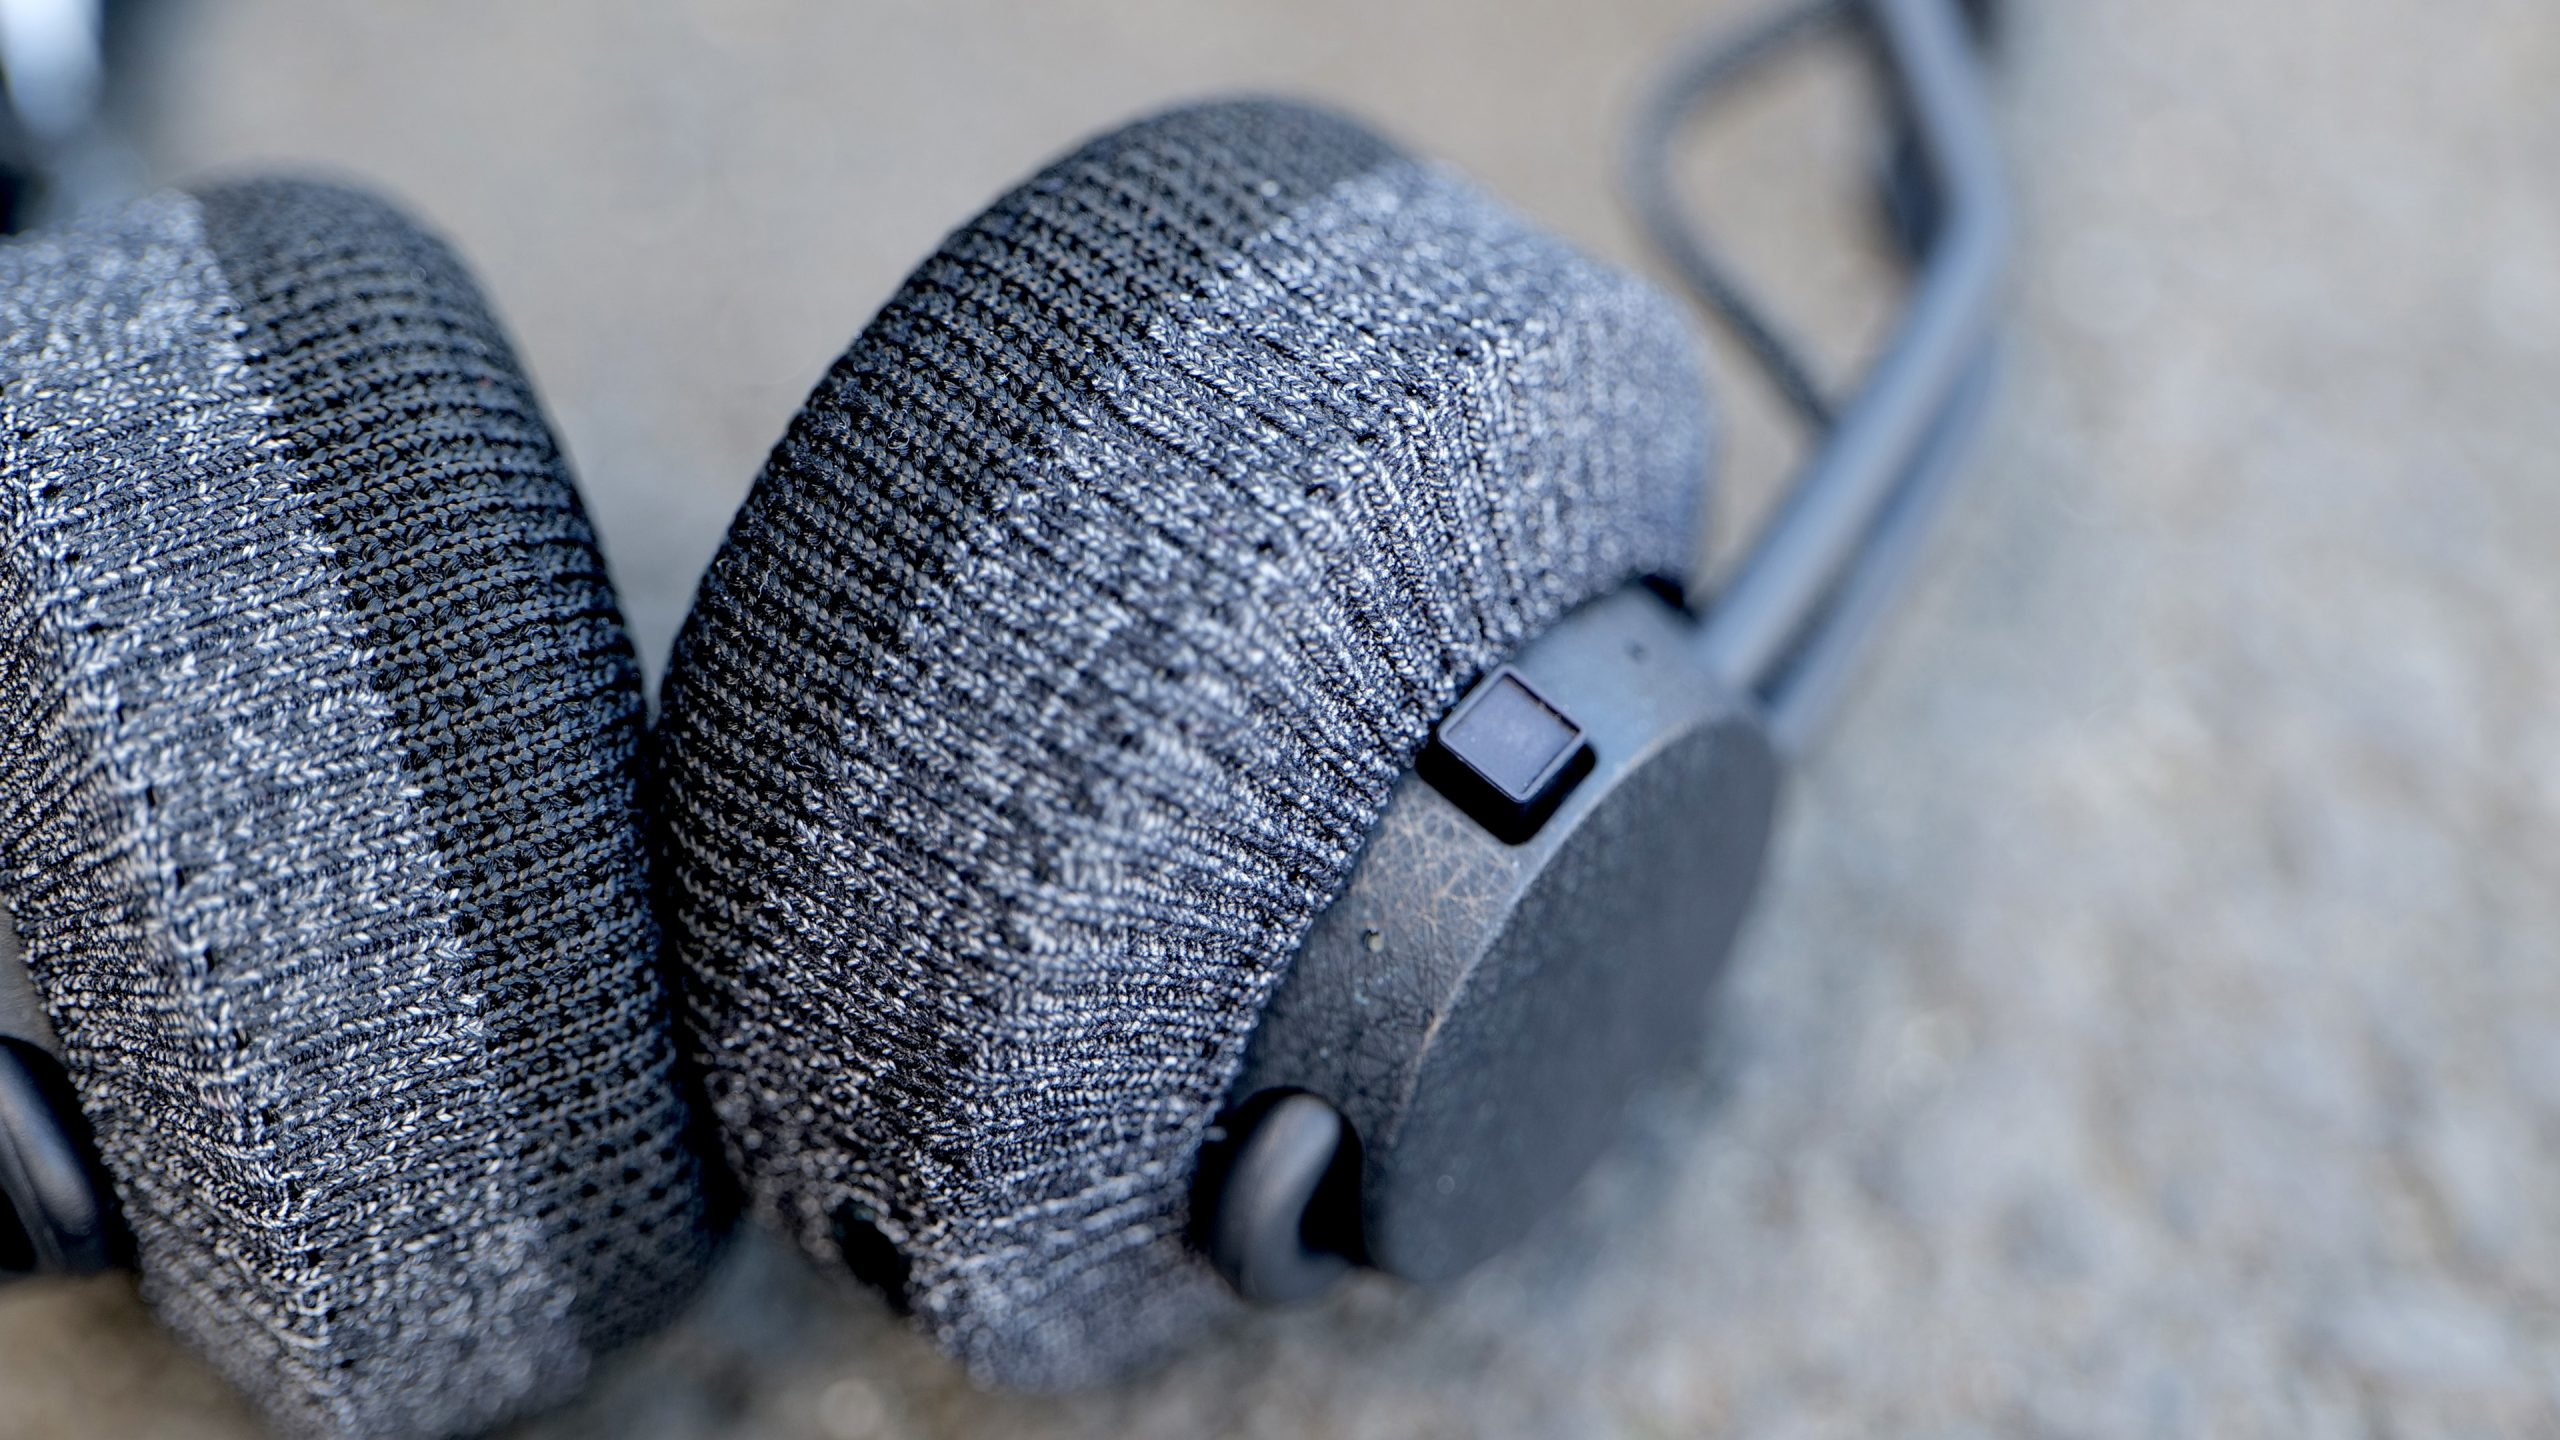 Adidas RPT-01 right button